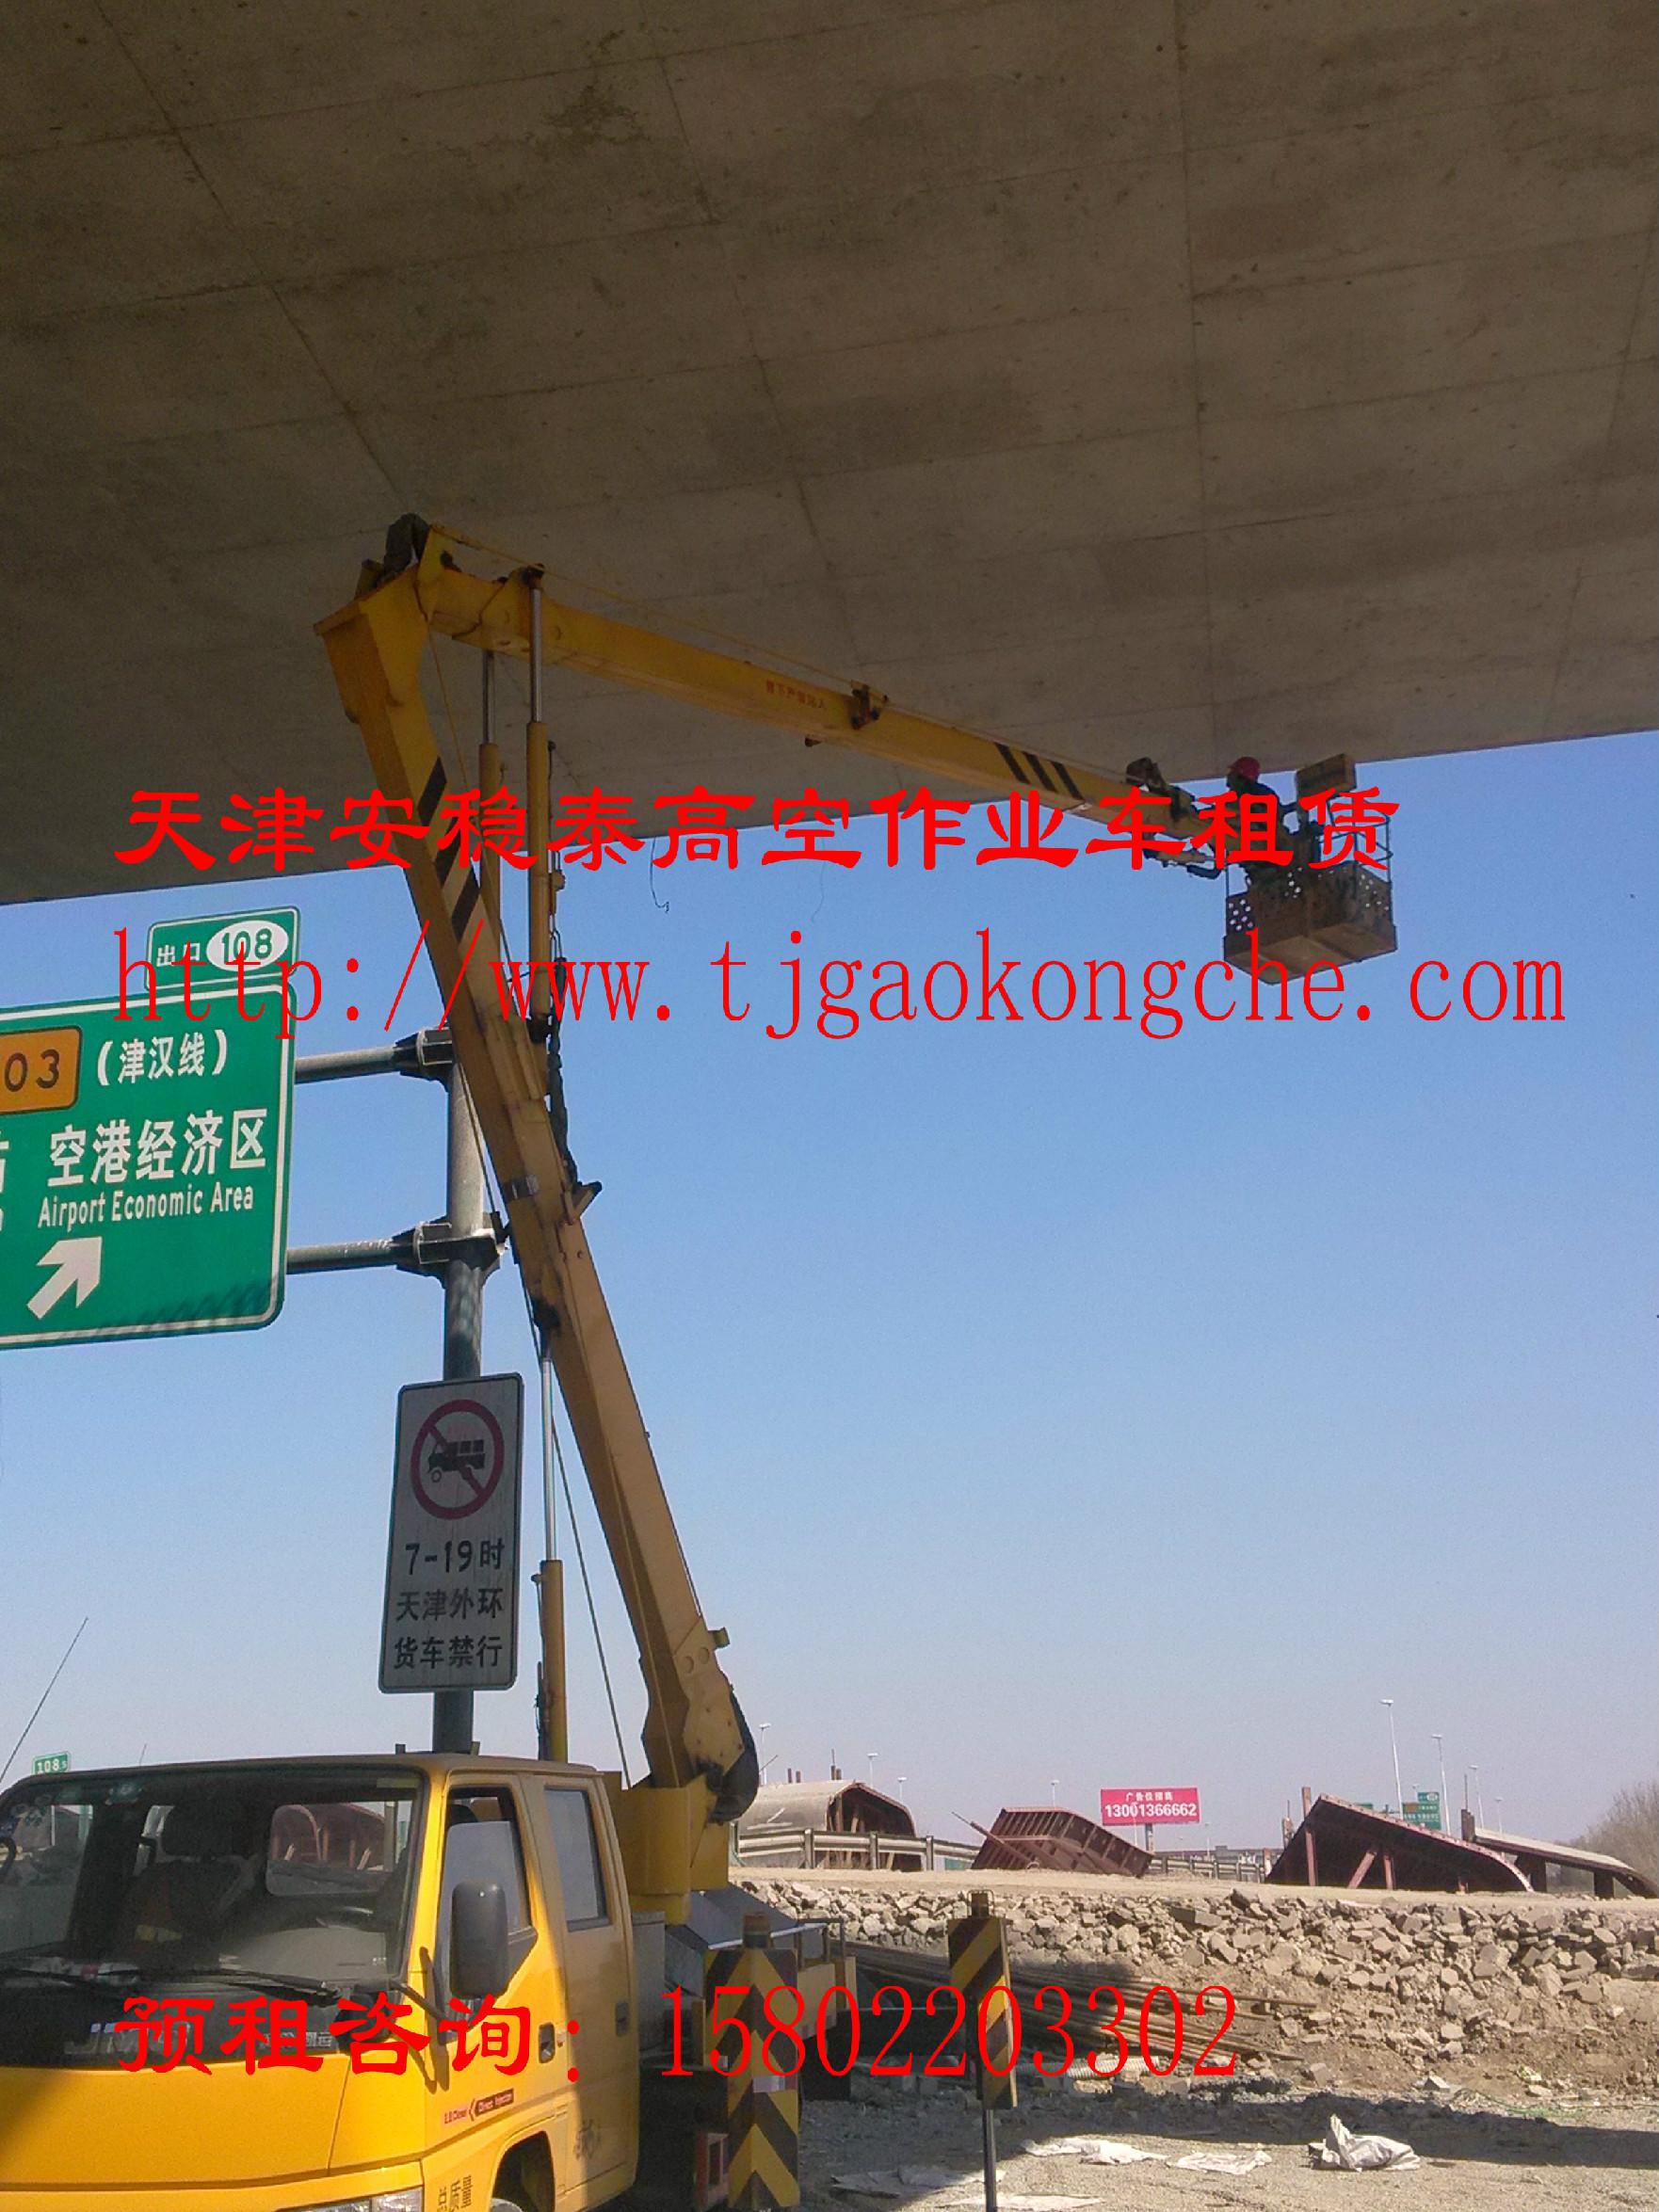 桥梁检修用16米高空作业车